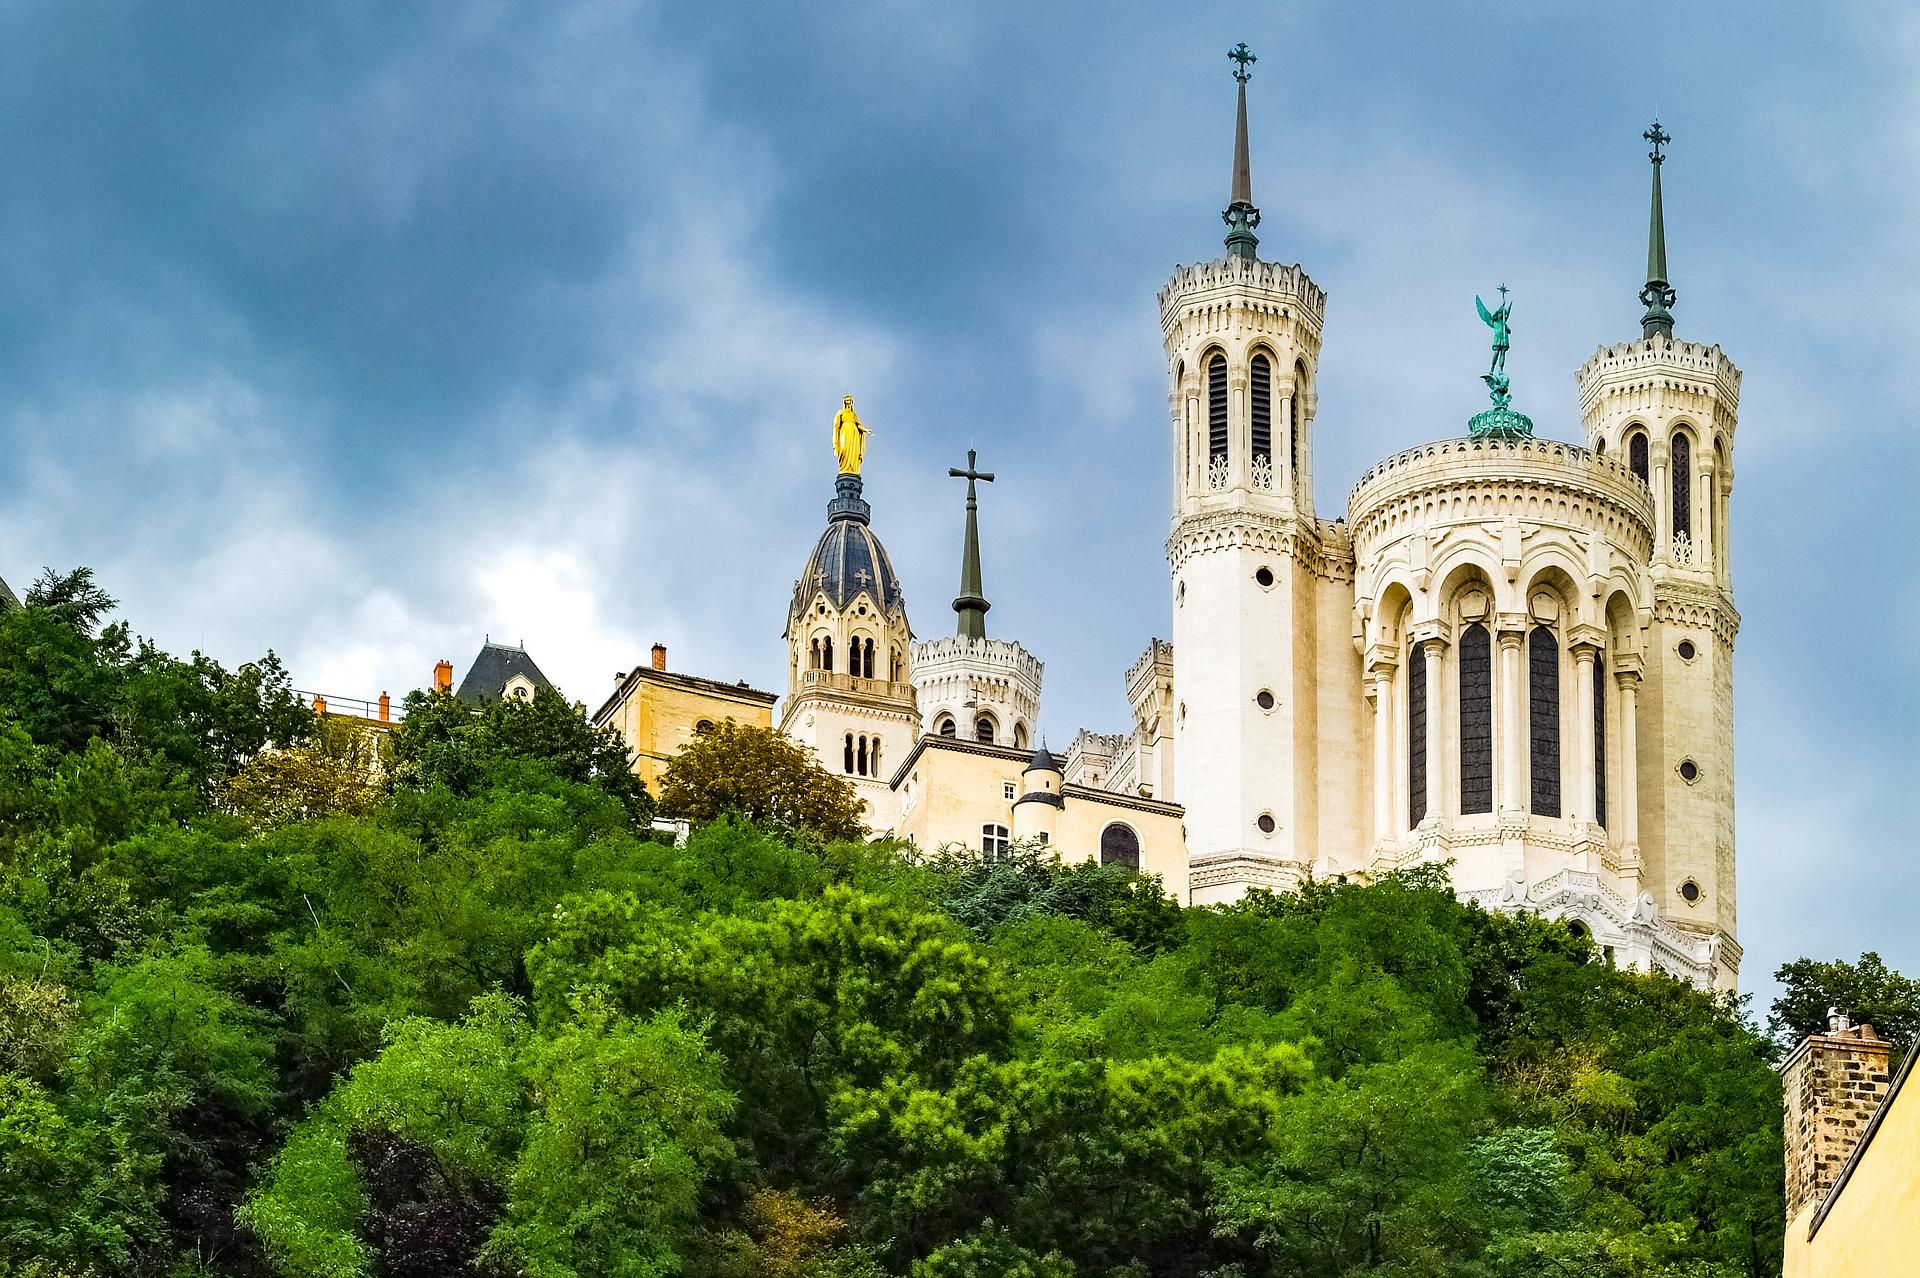 Adresses et contacts utiles à connaître en arrivant à Lyon